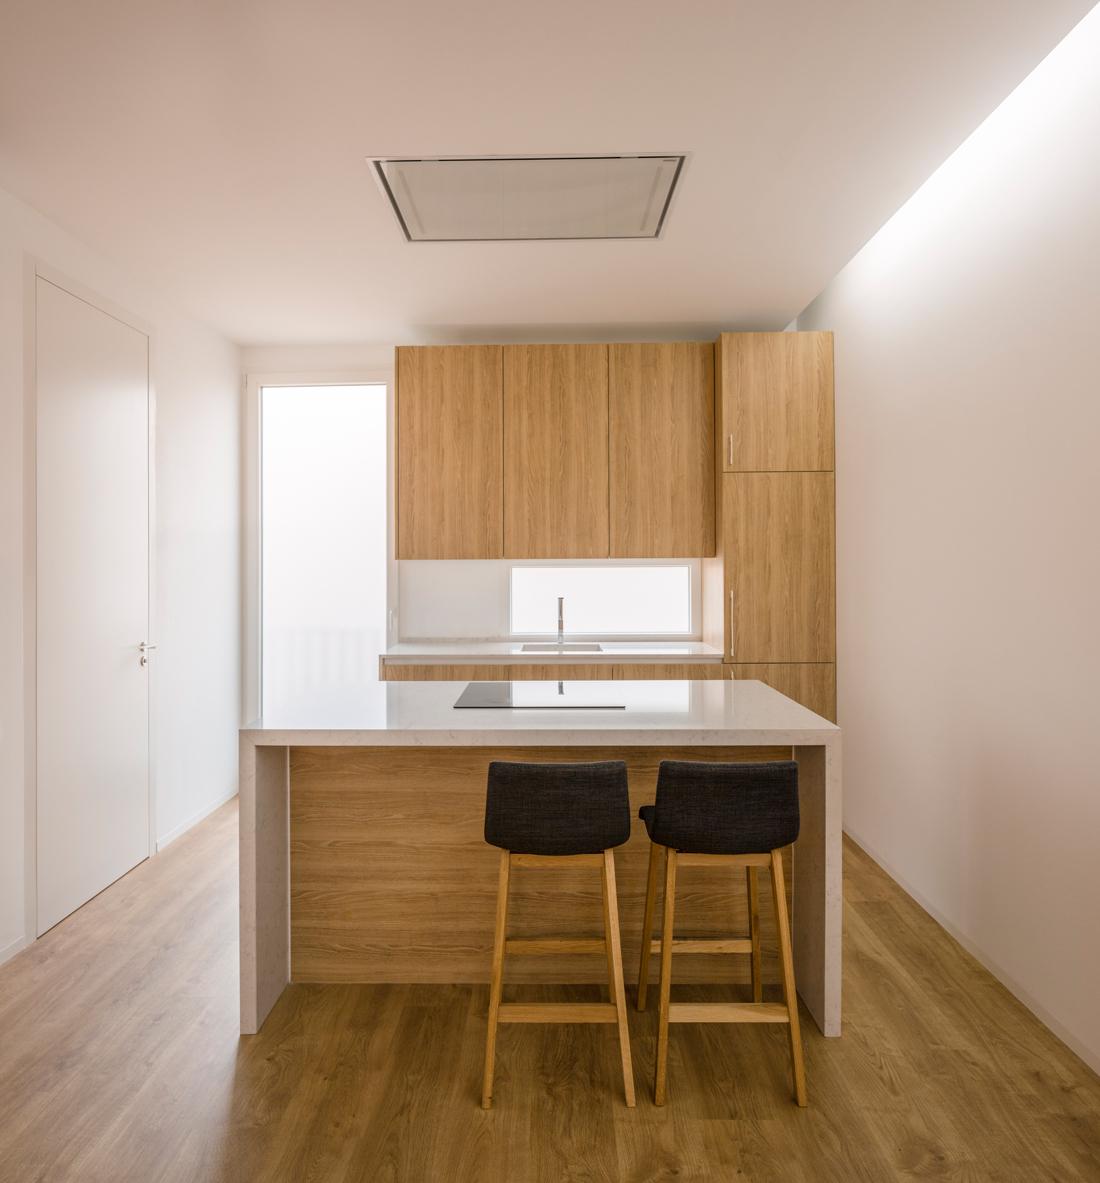 Arquitectura Archives - homuarquitectos.com